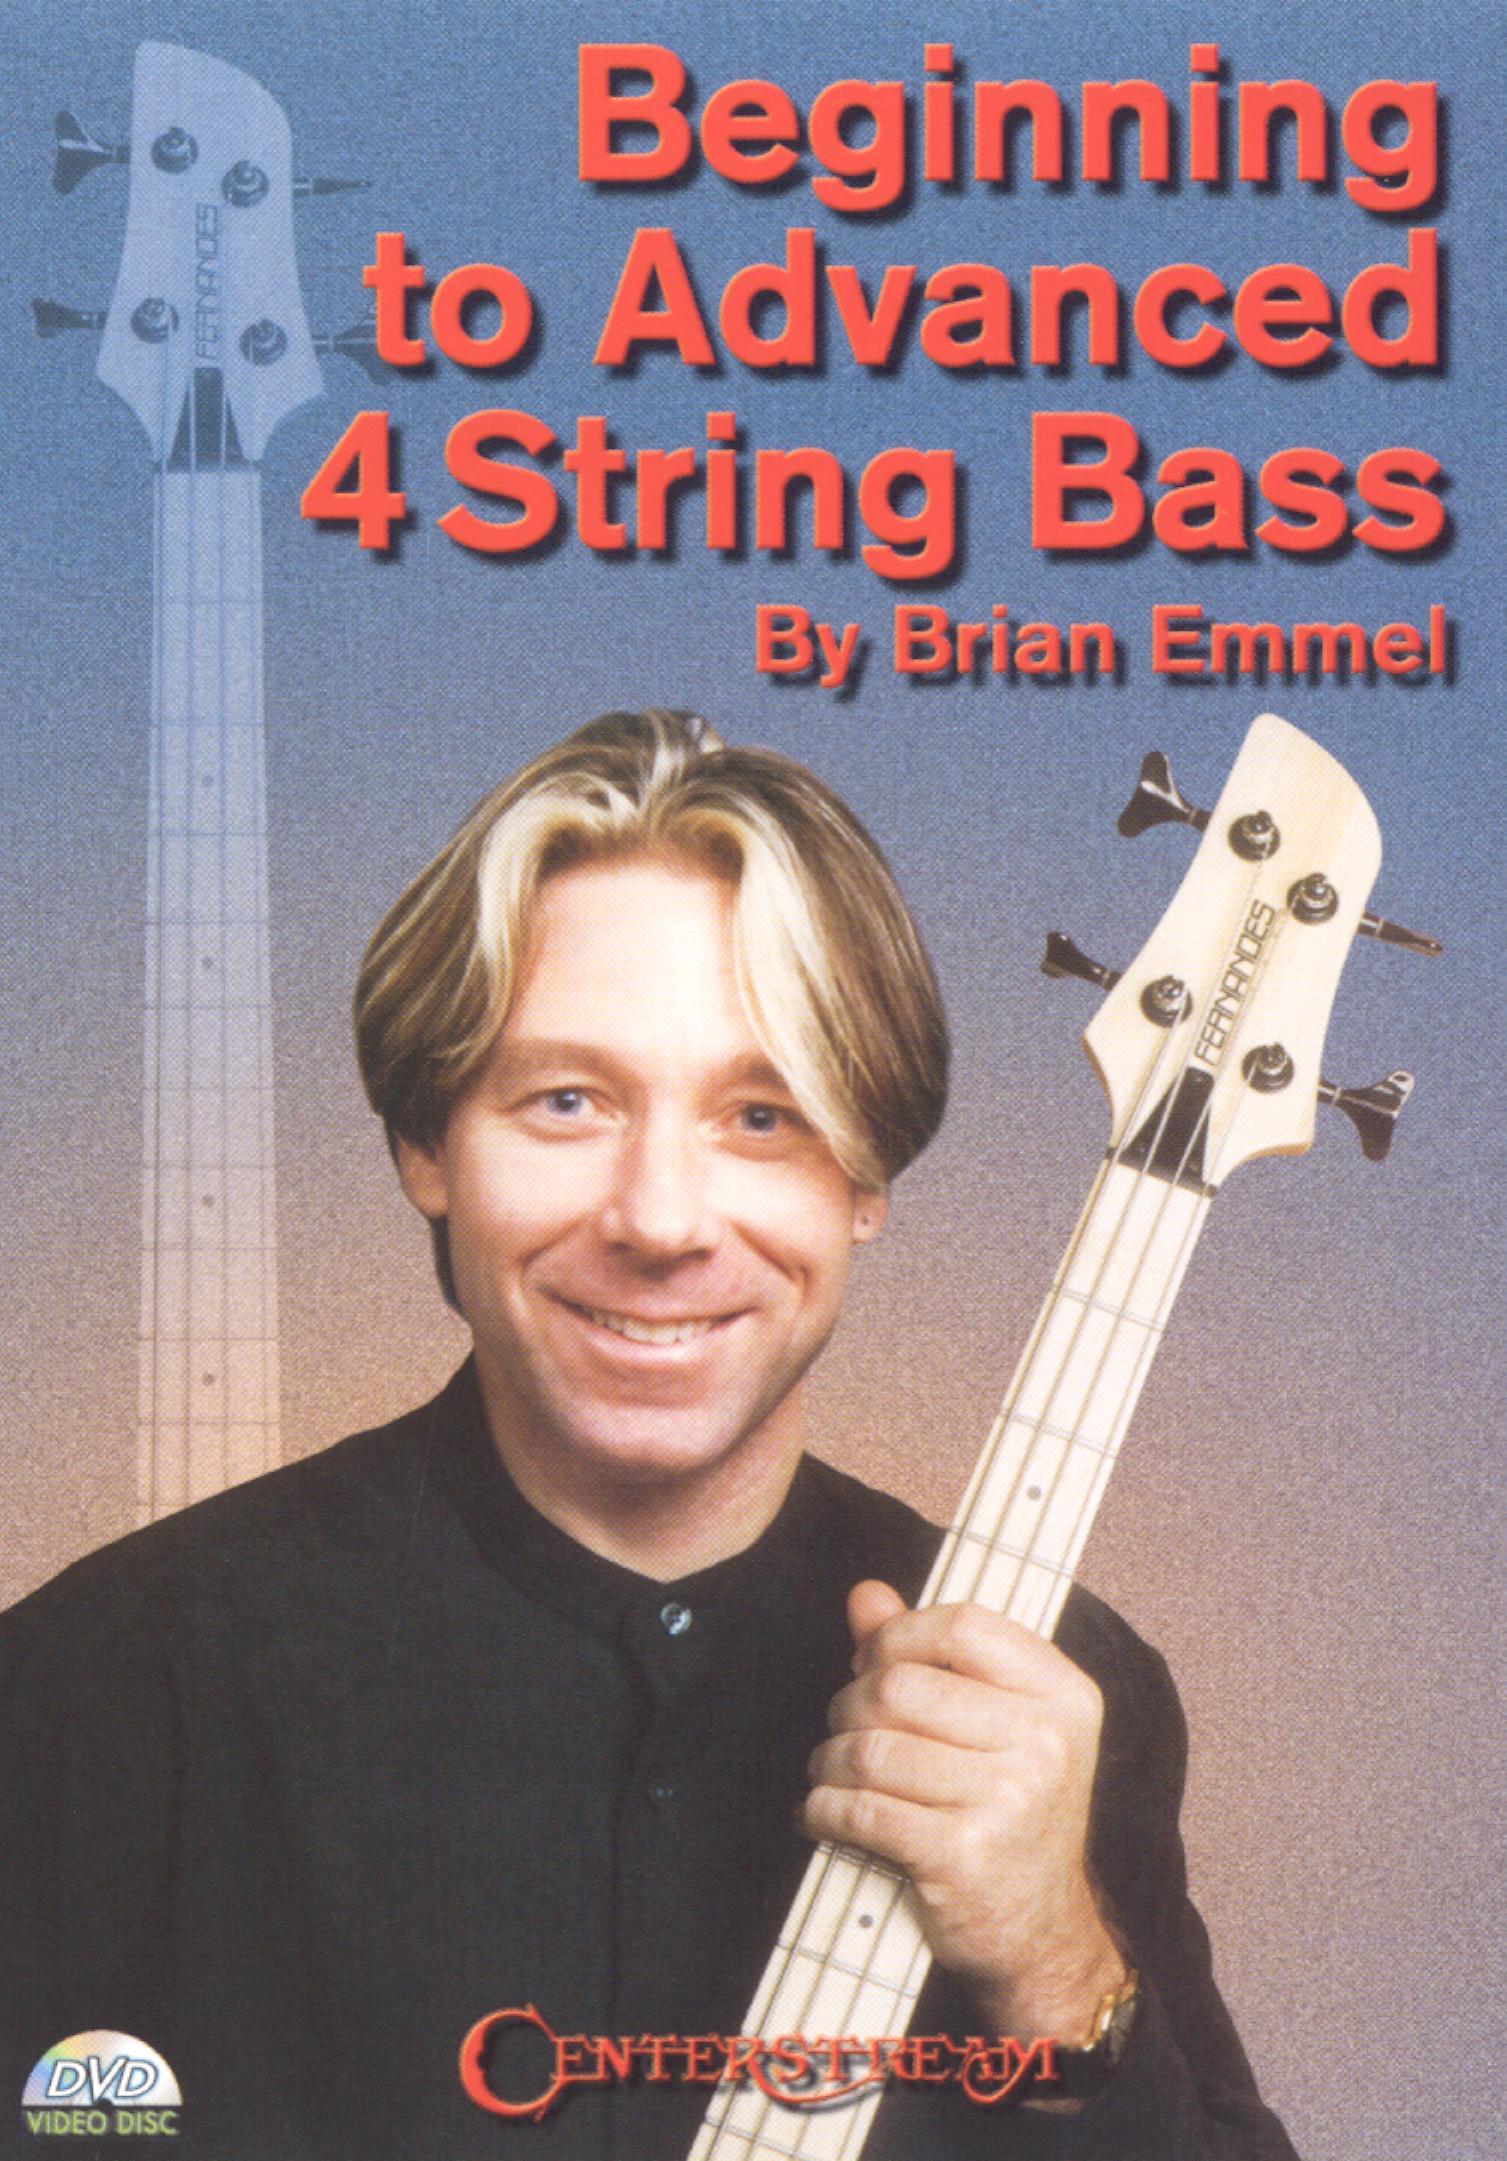 Brian Emmel: Beginning To Advanced 4-string Bass